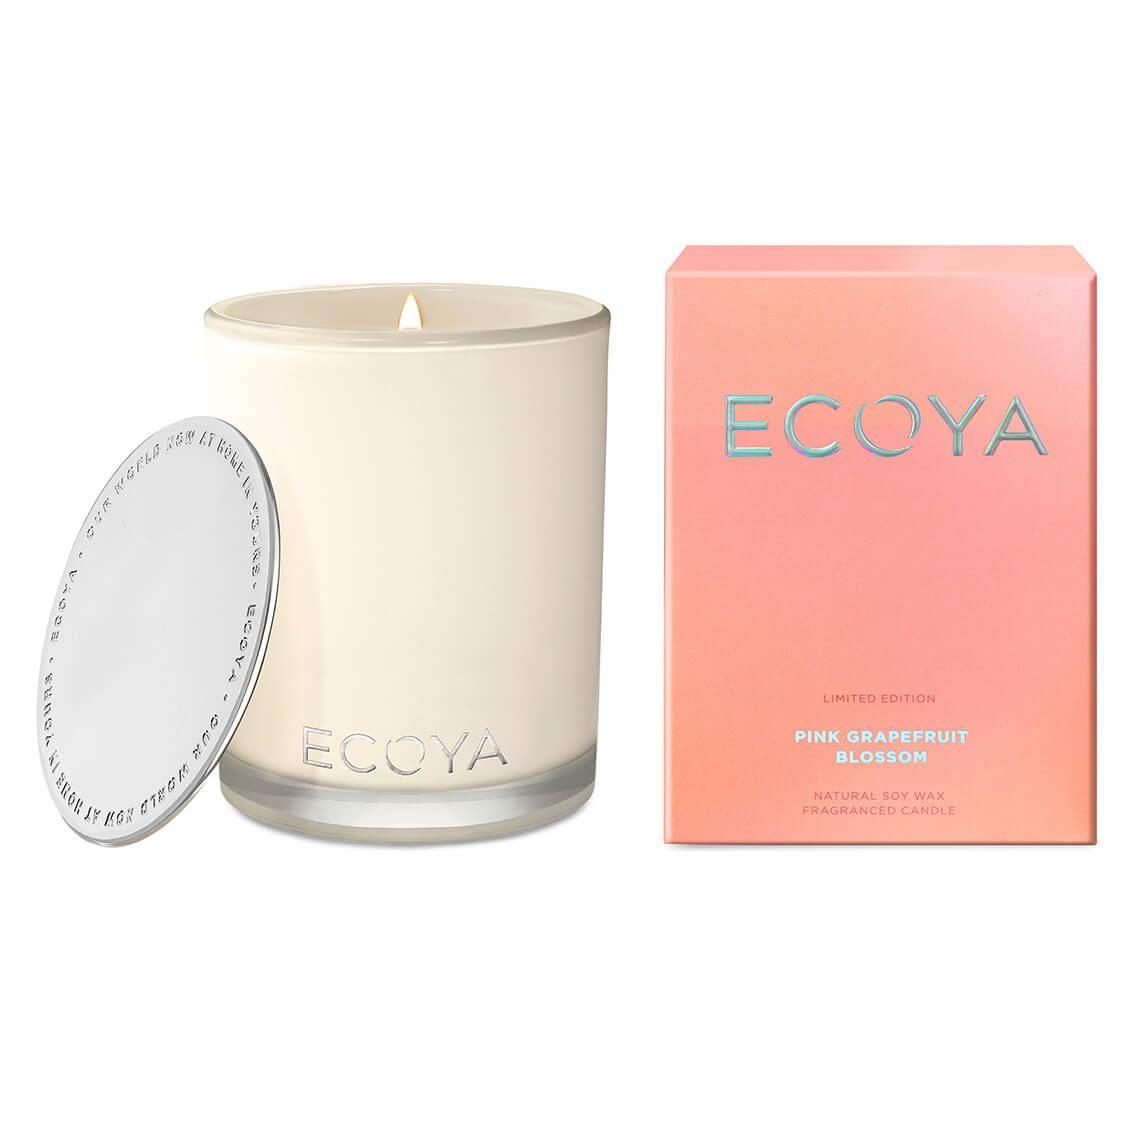 Ecoya Madison Jar Size W 10cm x D 10cm x H 14cm in Pink Grapefruit Blossom Freedom